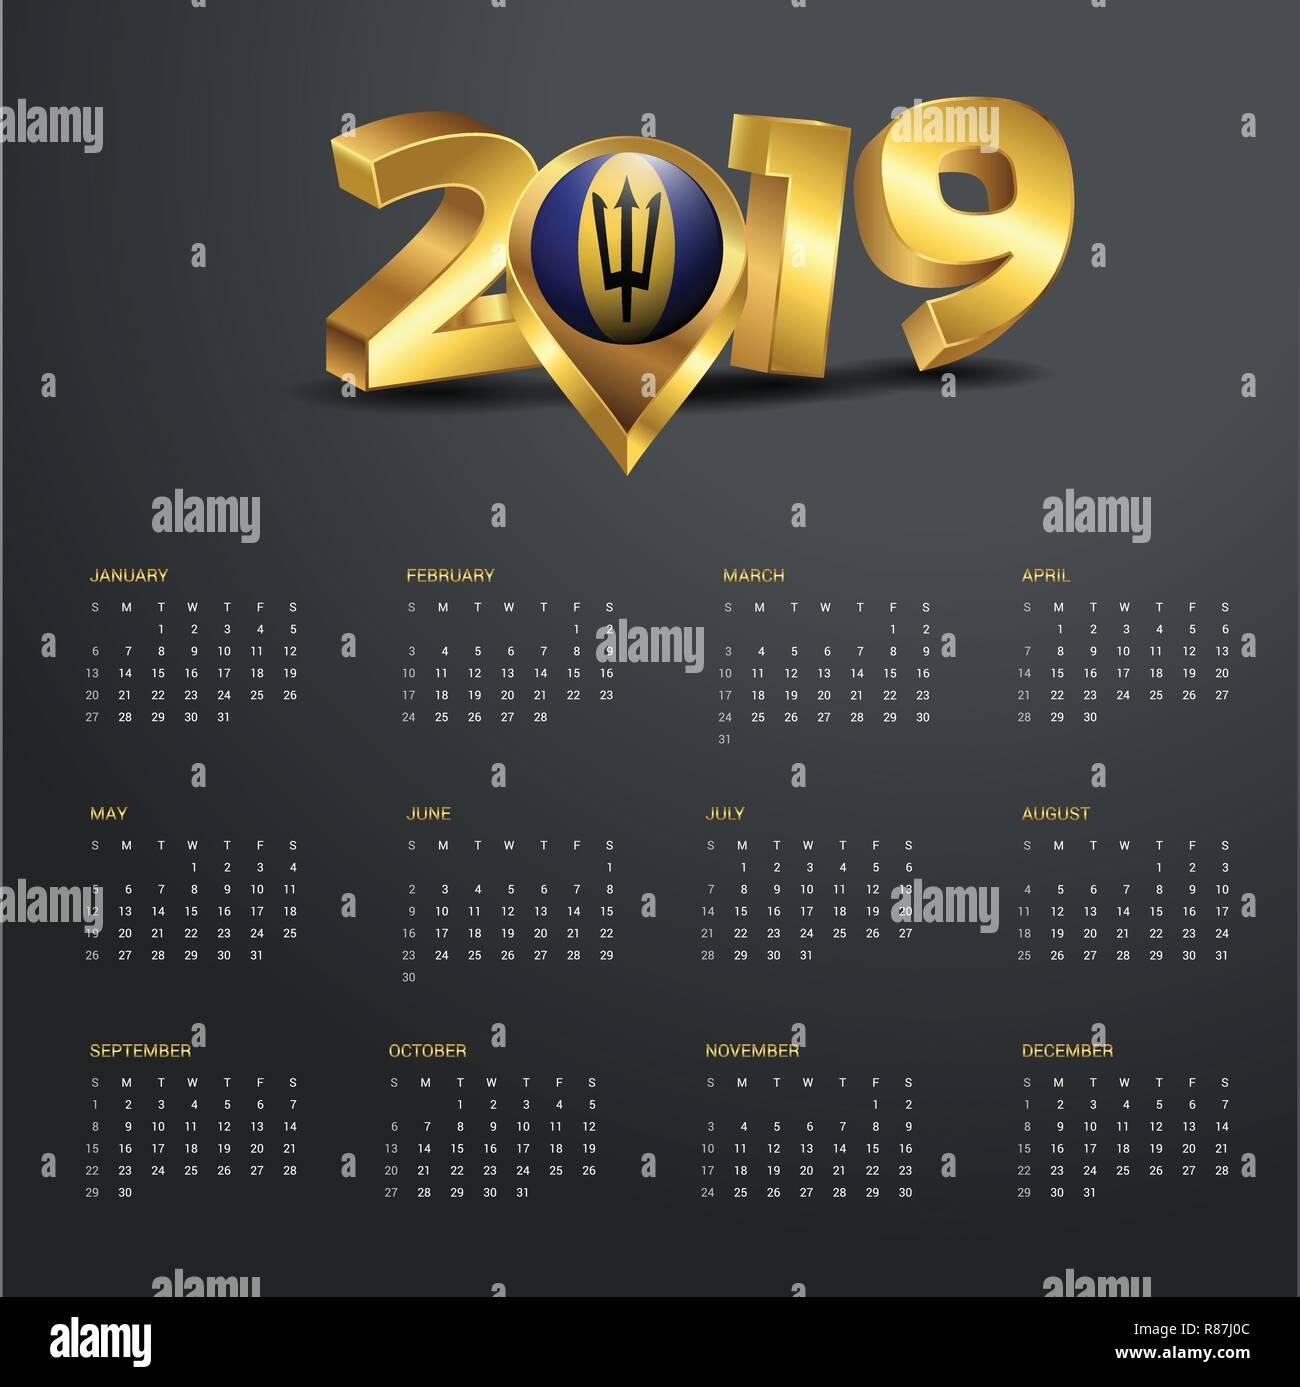 2019 Calendar Template. Barbados Country Map Golden Typography Header - Stock Vector